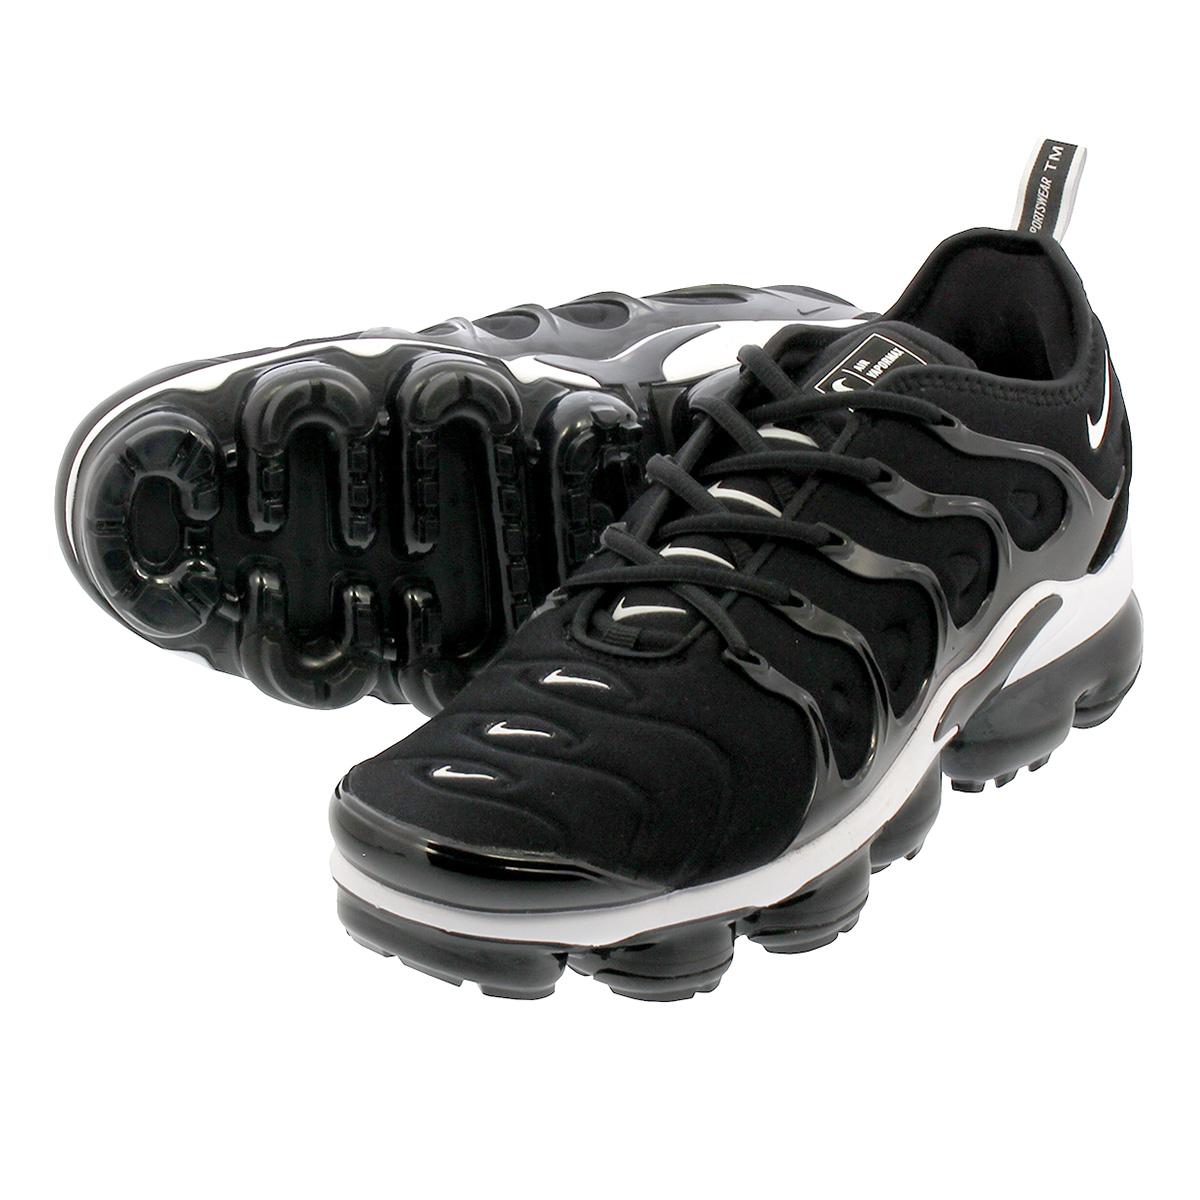 uk availability 3ed91 4e7b5 NIKE AIR VAPORMAX PLUS Nike vapor max plus BLACK/WHITE 924,453-011